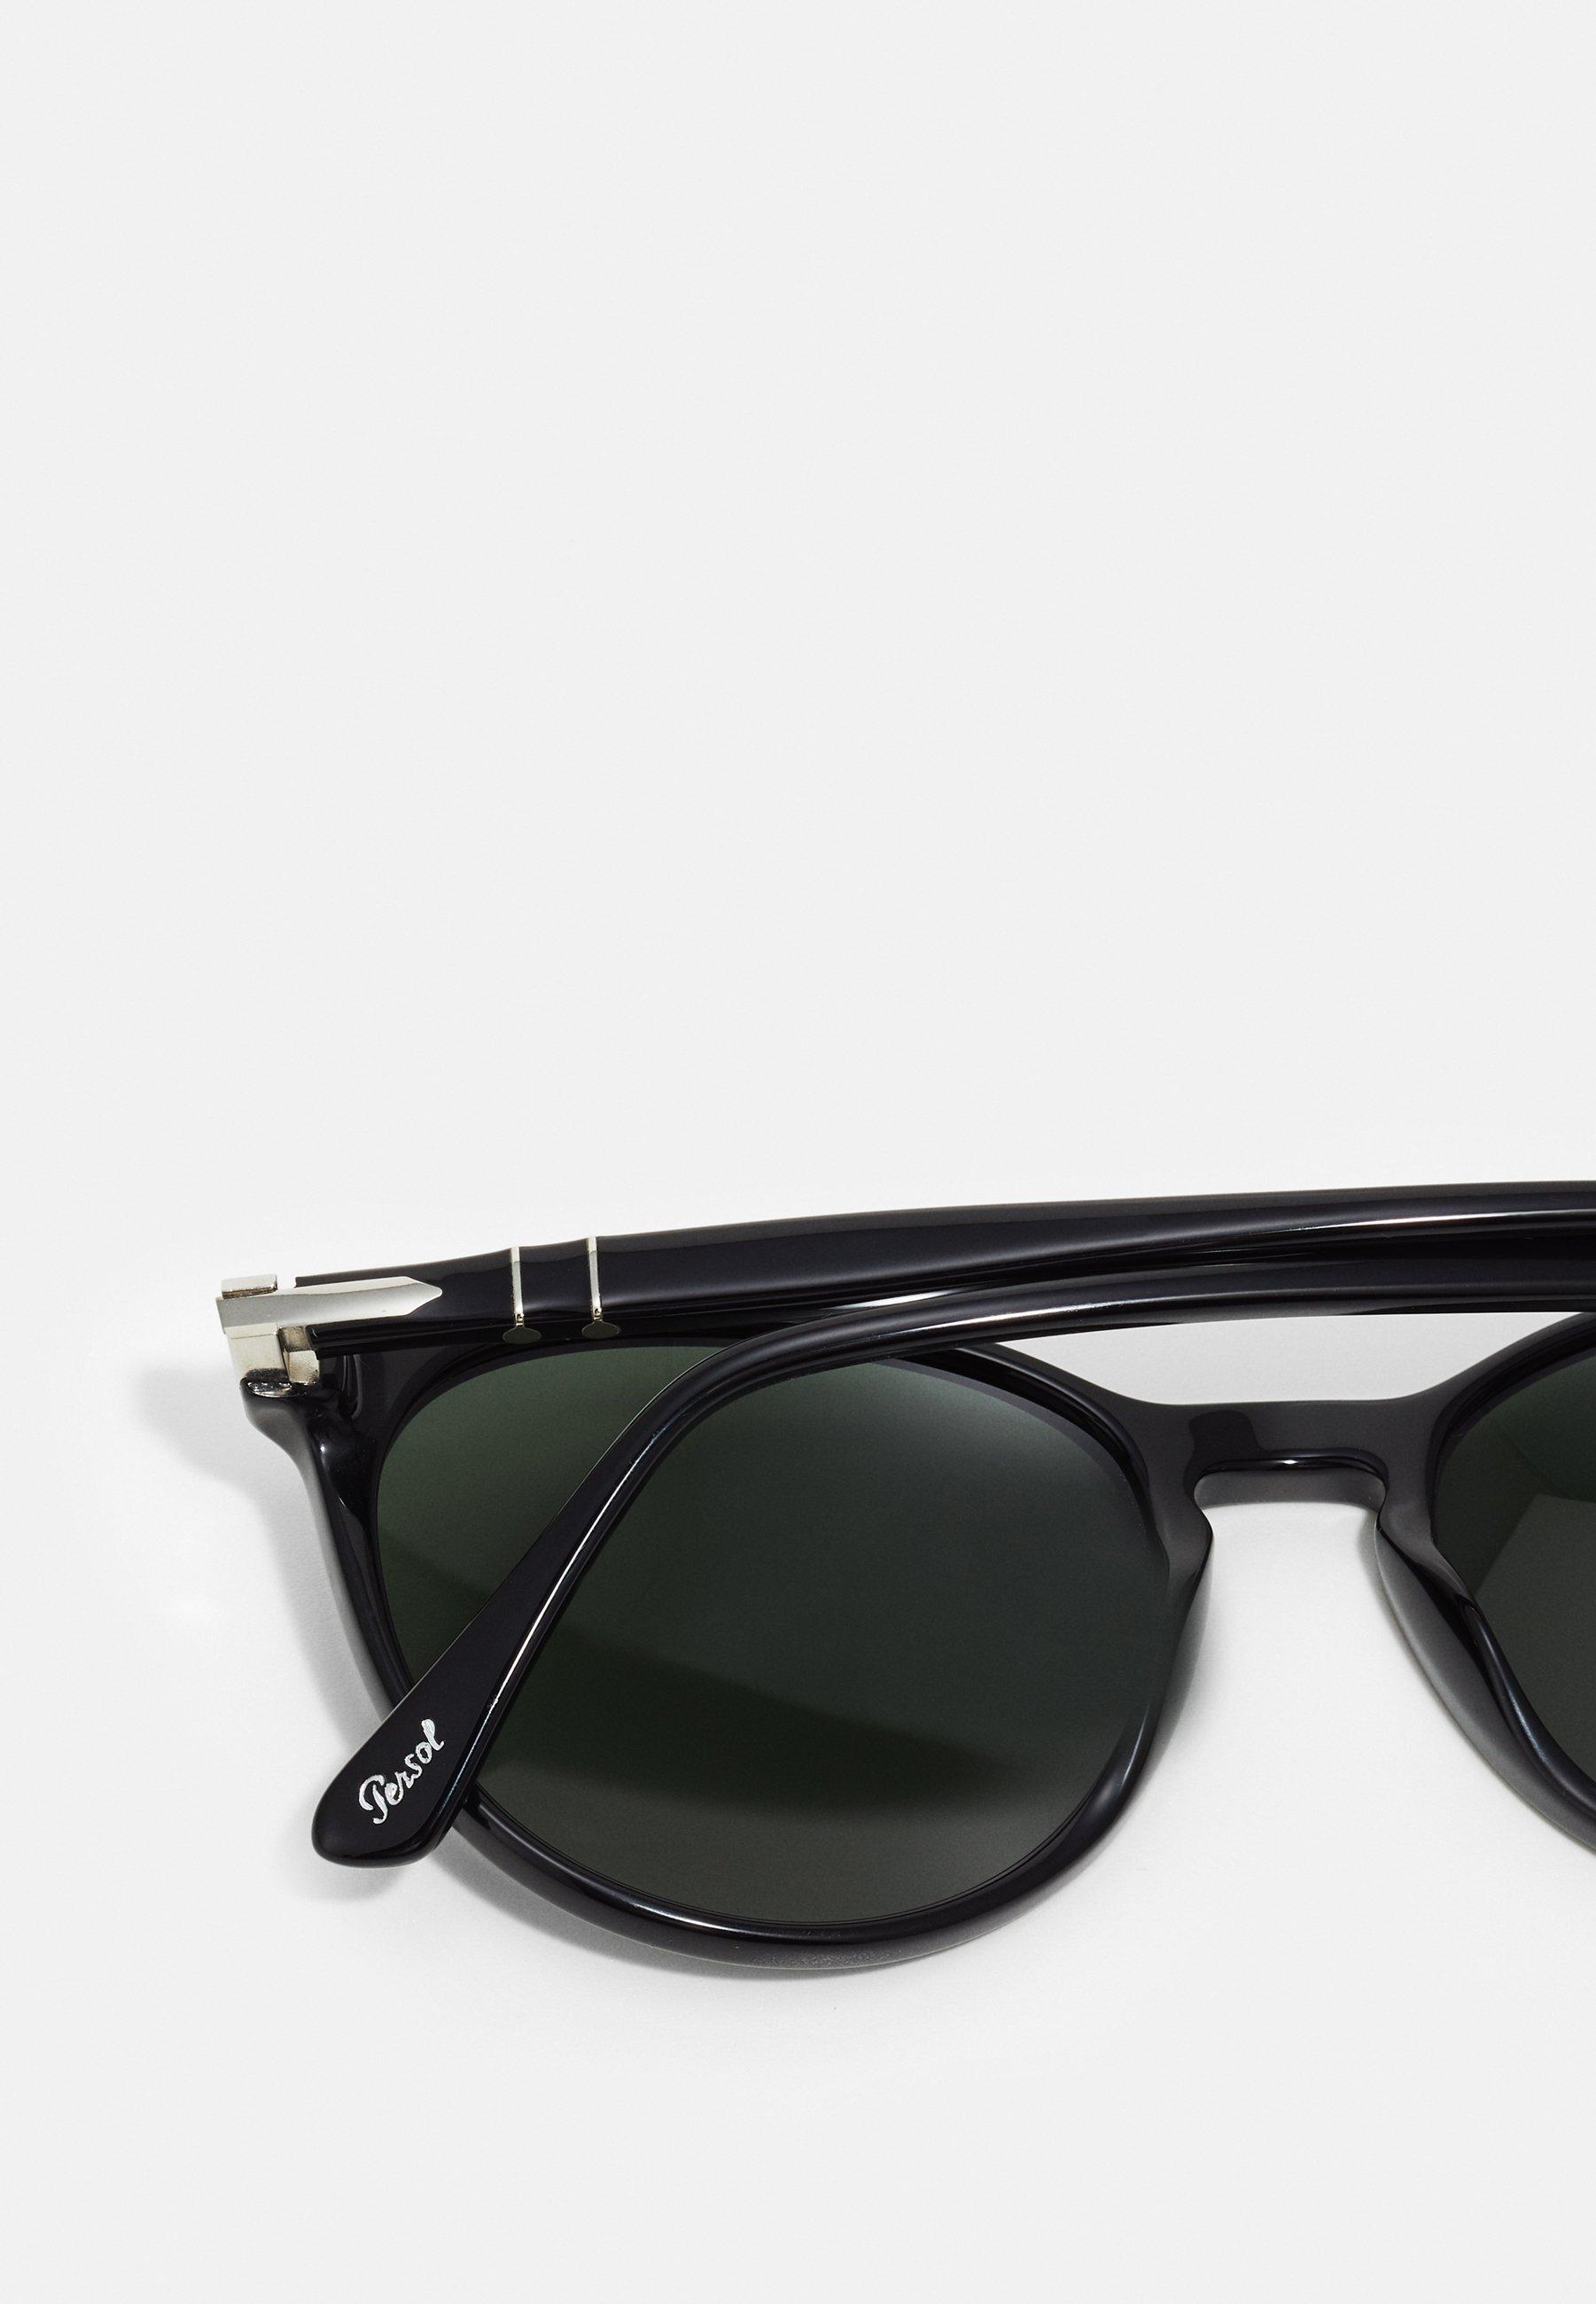 Especial Persol Gafas de sol - black | Complementos de hombre 2020 MzOx4